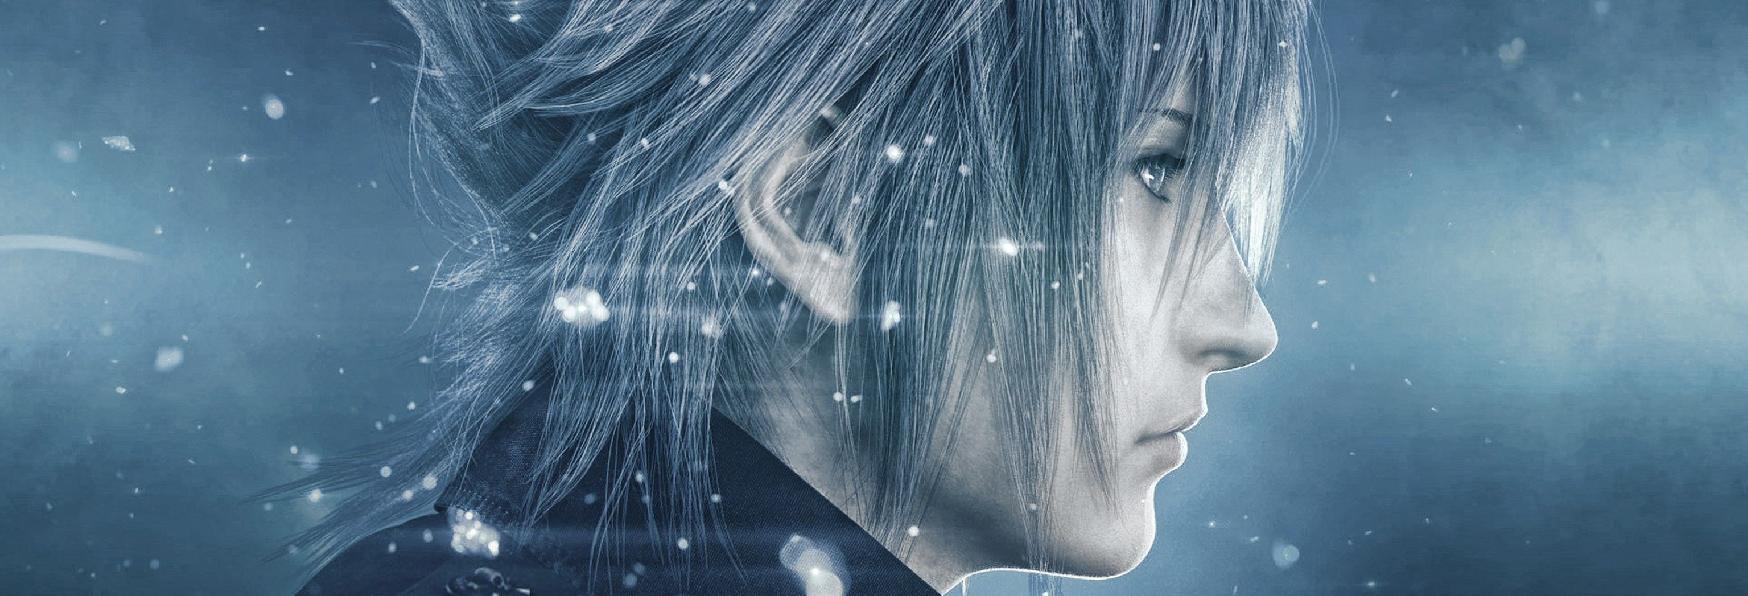 Final Fantasy: una Serie Live Action in fase di Produzione